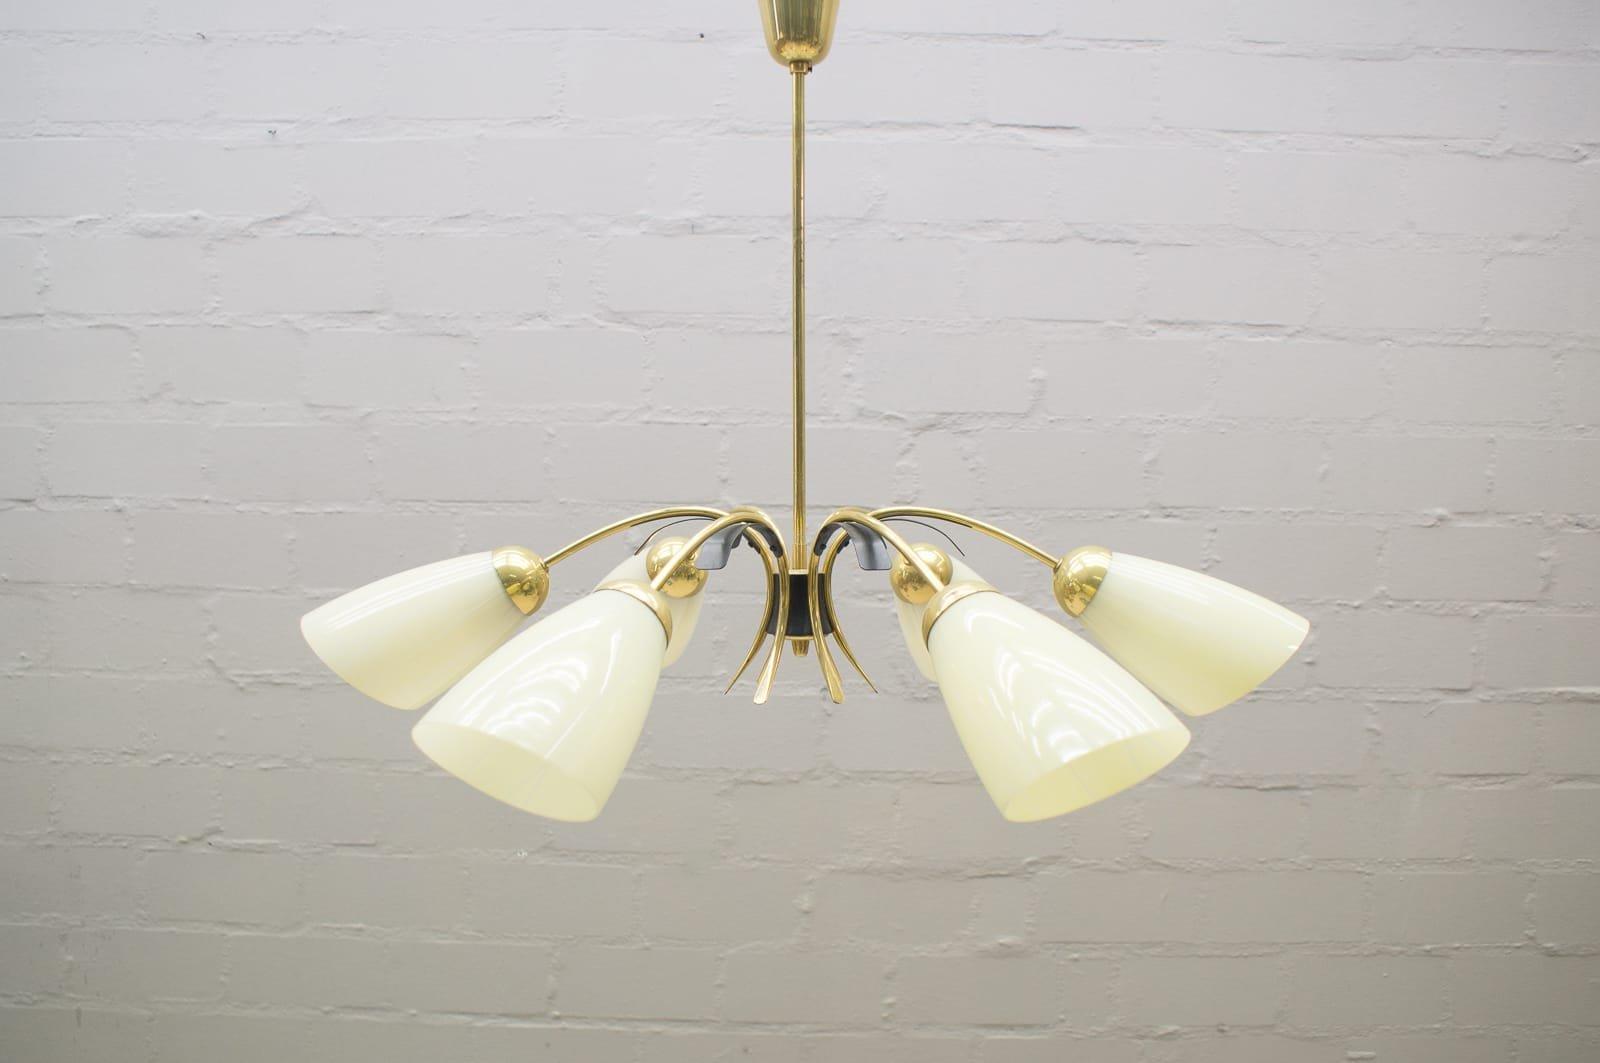 Brilliant Messing Deckenlampe Sammlung Von Zweifarbige Mid-century Sputnik Glas & 6-arm